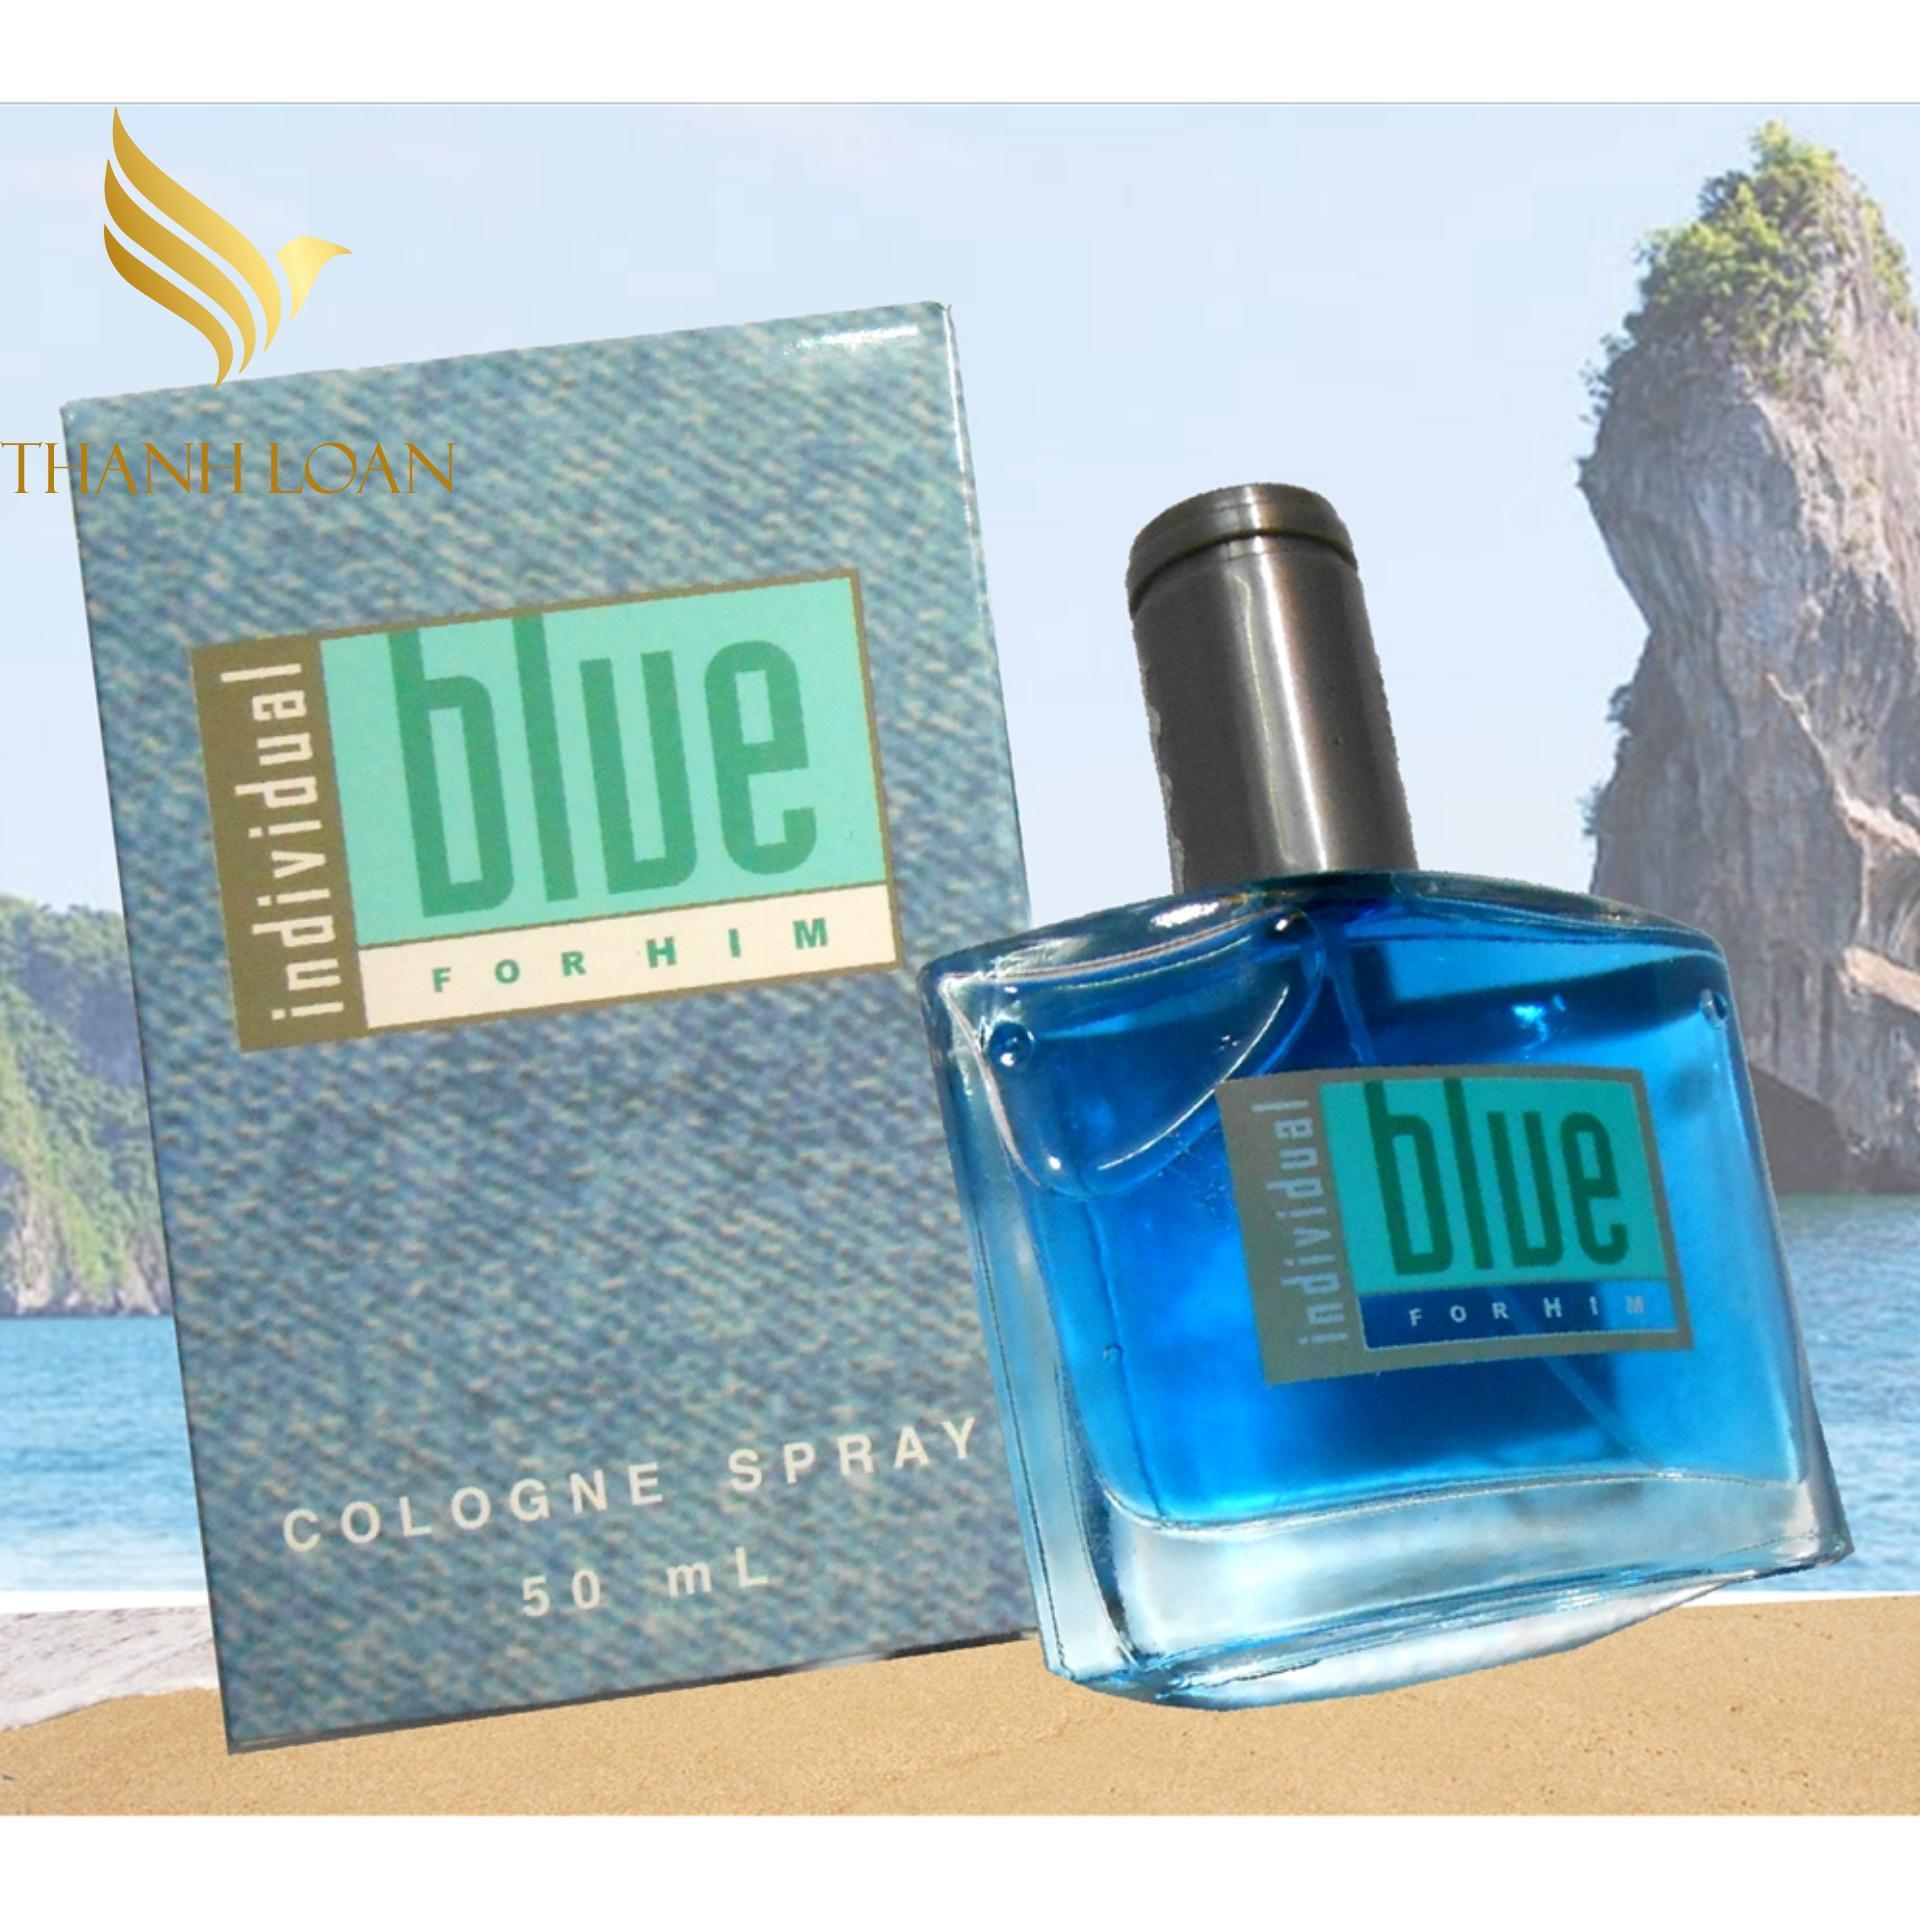 Nước Hoa BLUE AVON 50ML  - Nước Hoa Nam - Nước Hoa Giá Tốt - Blue Avon For Him - Thanh Loan